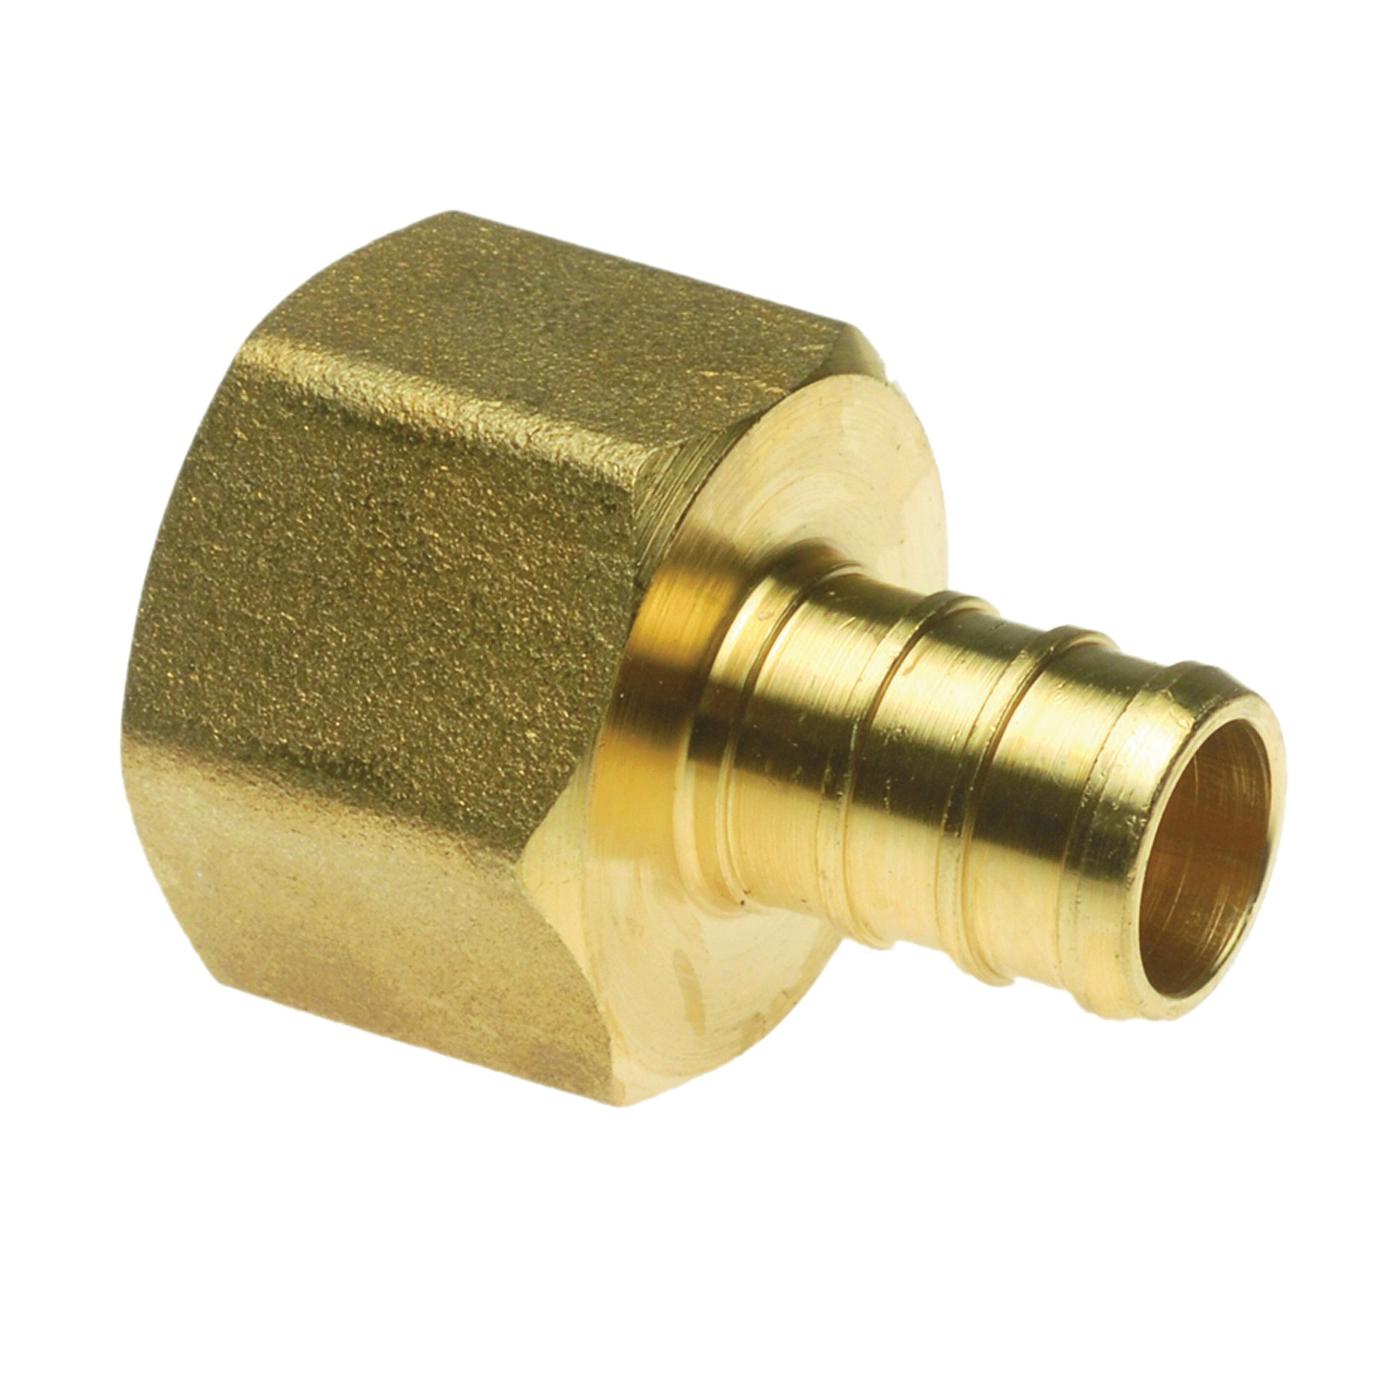 Picture of Apollo APXFA1212 Pipe Adapter, 1/2 in, PEX x FPT, Brass, 200 psi Pressure